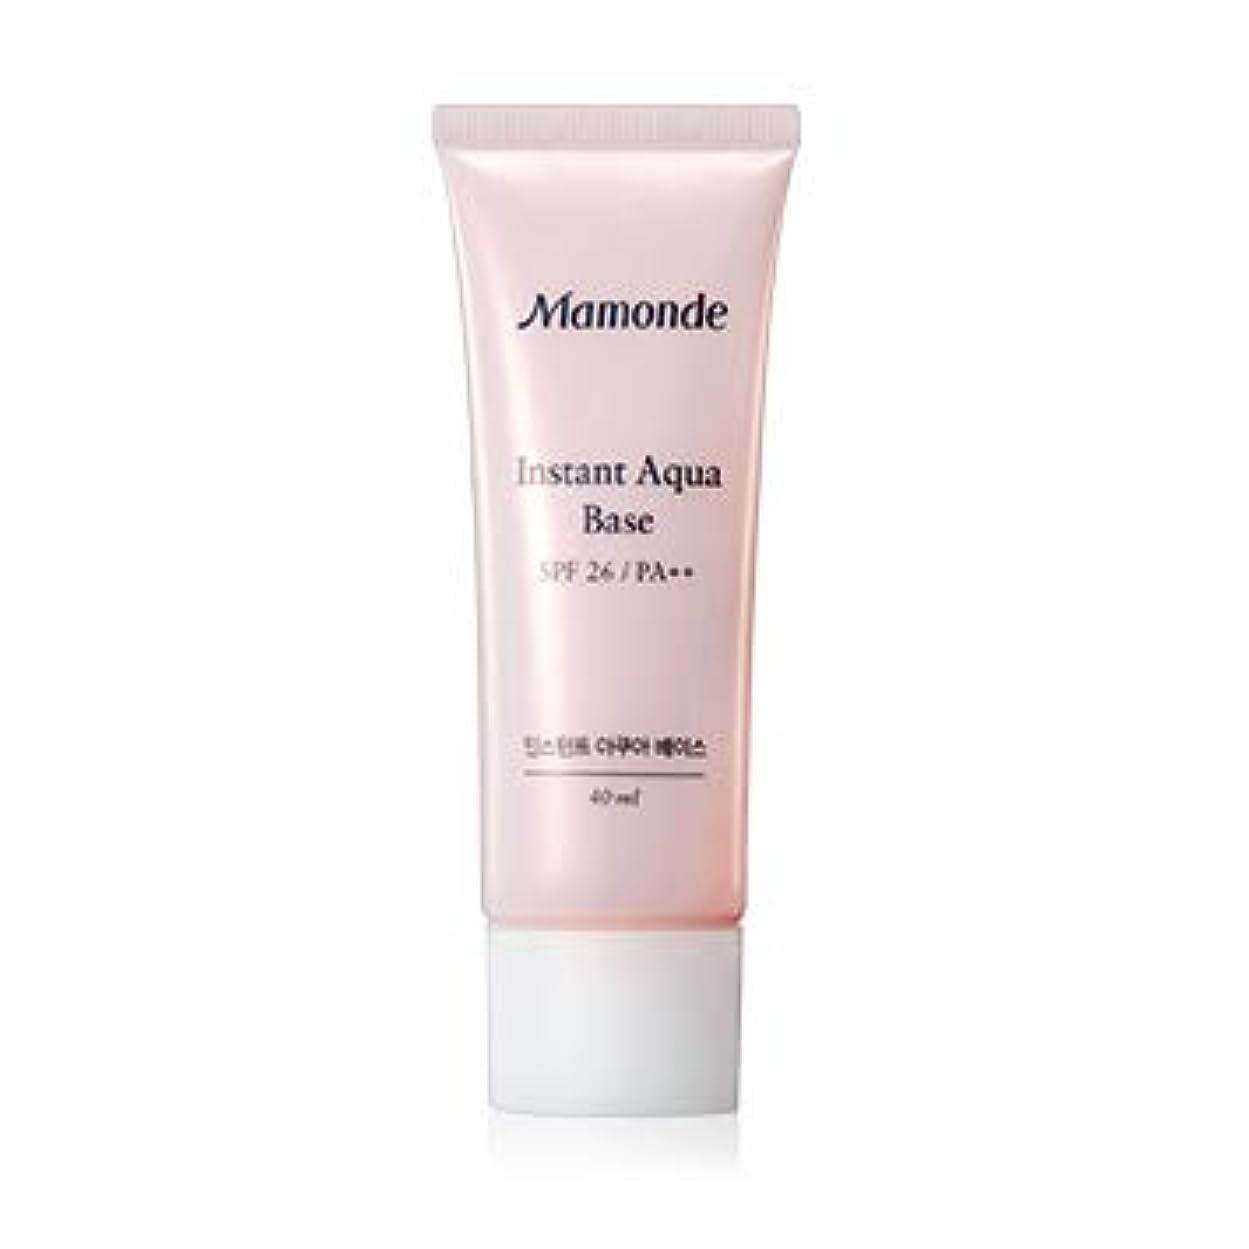 導体胃明確なマモンド インスタントアクアベース40ml / Mamonde Instant Aqua Base SPF26 PA++ [並行輸入品]